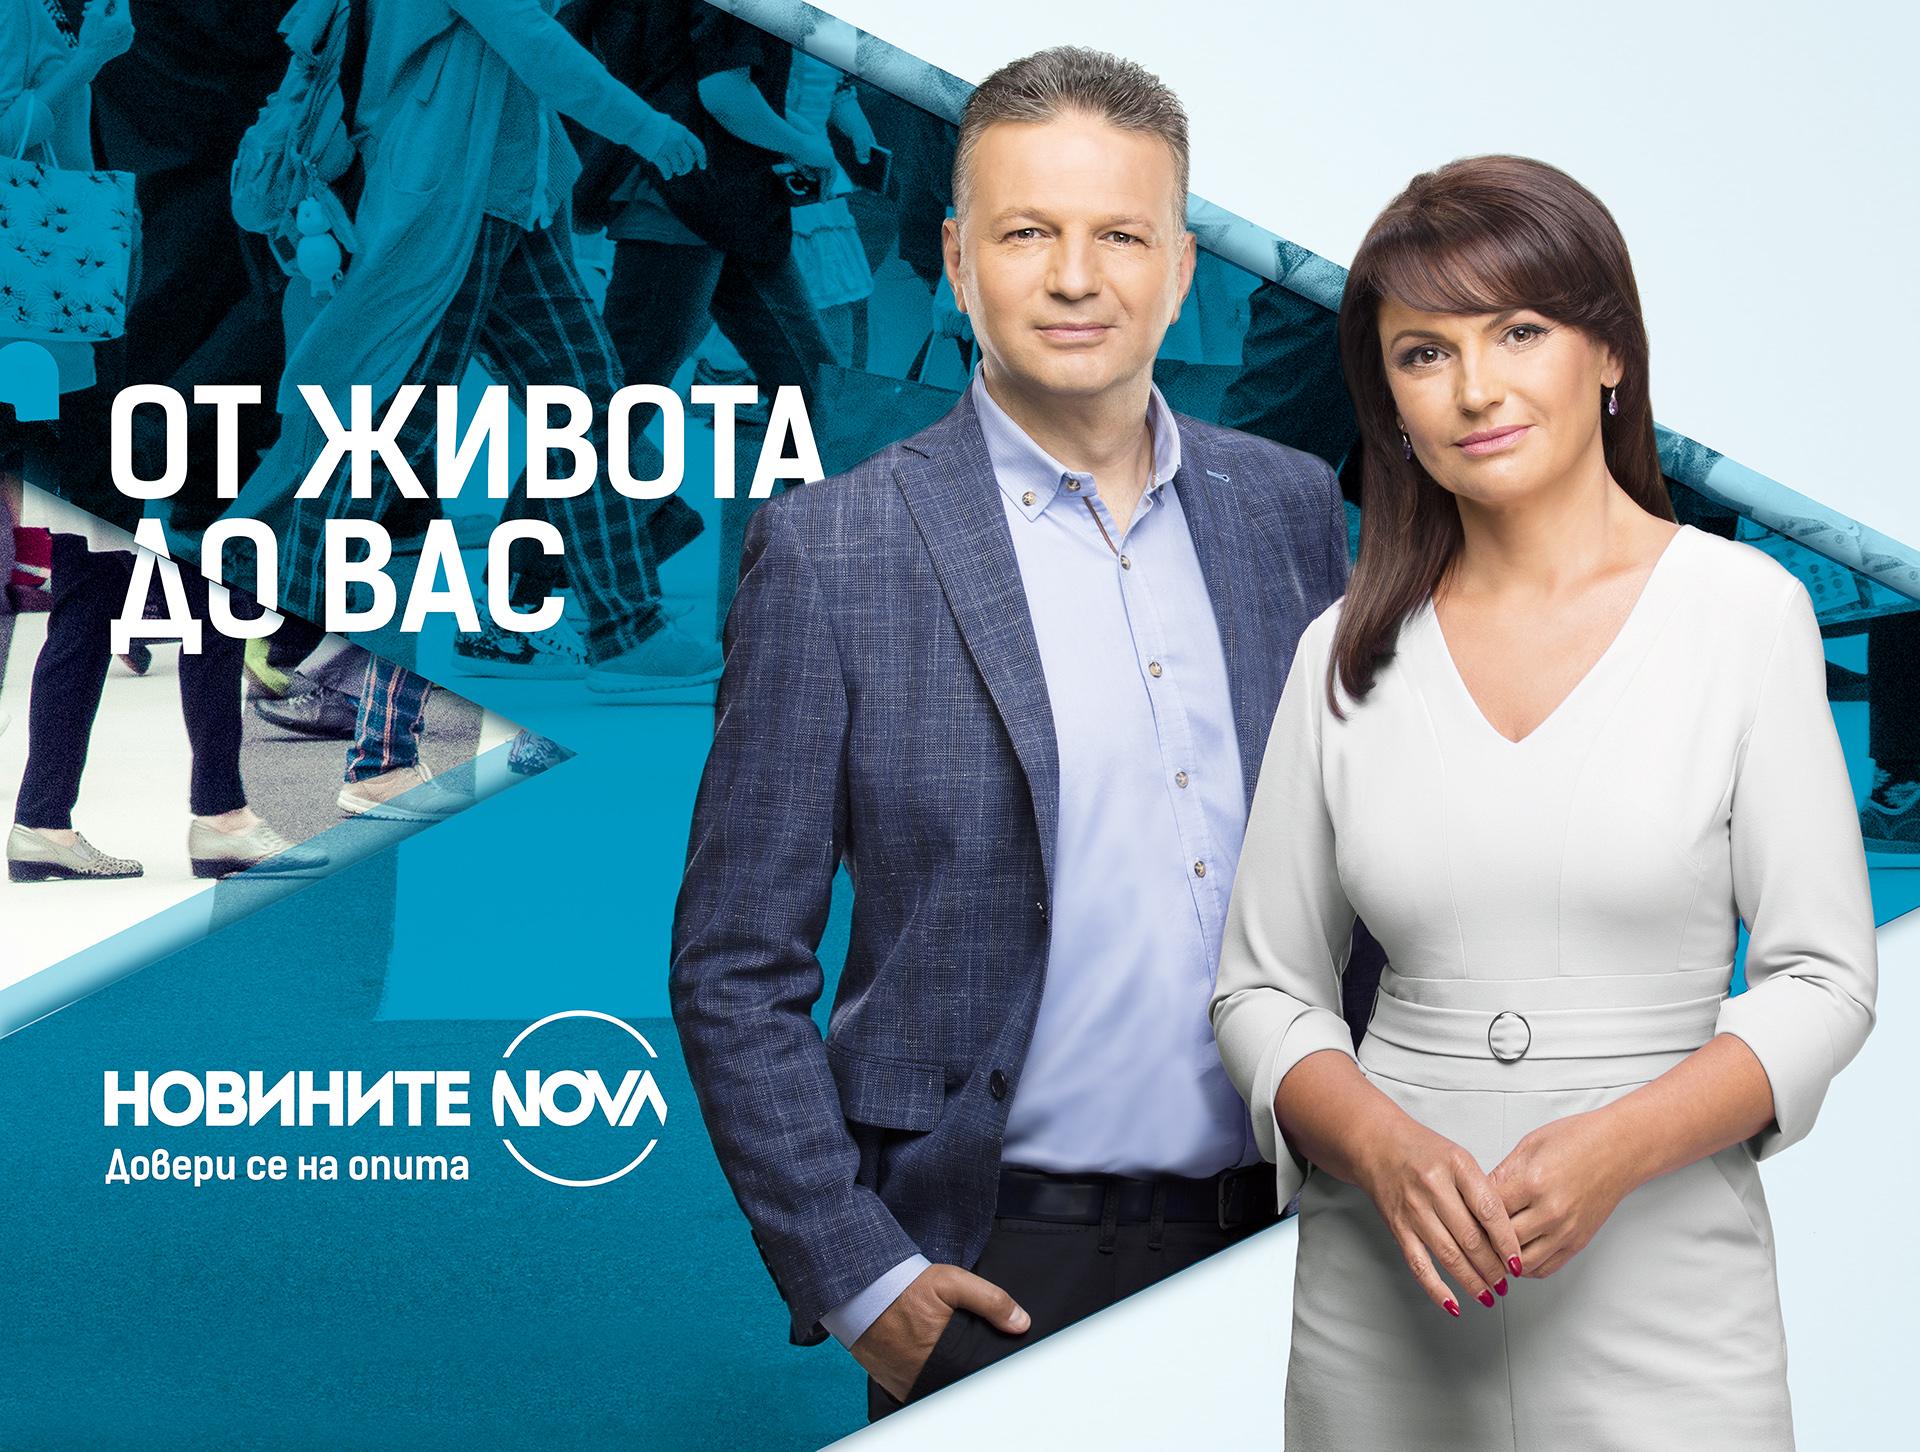 NOVA_Salich & Doynov